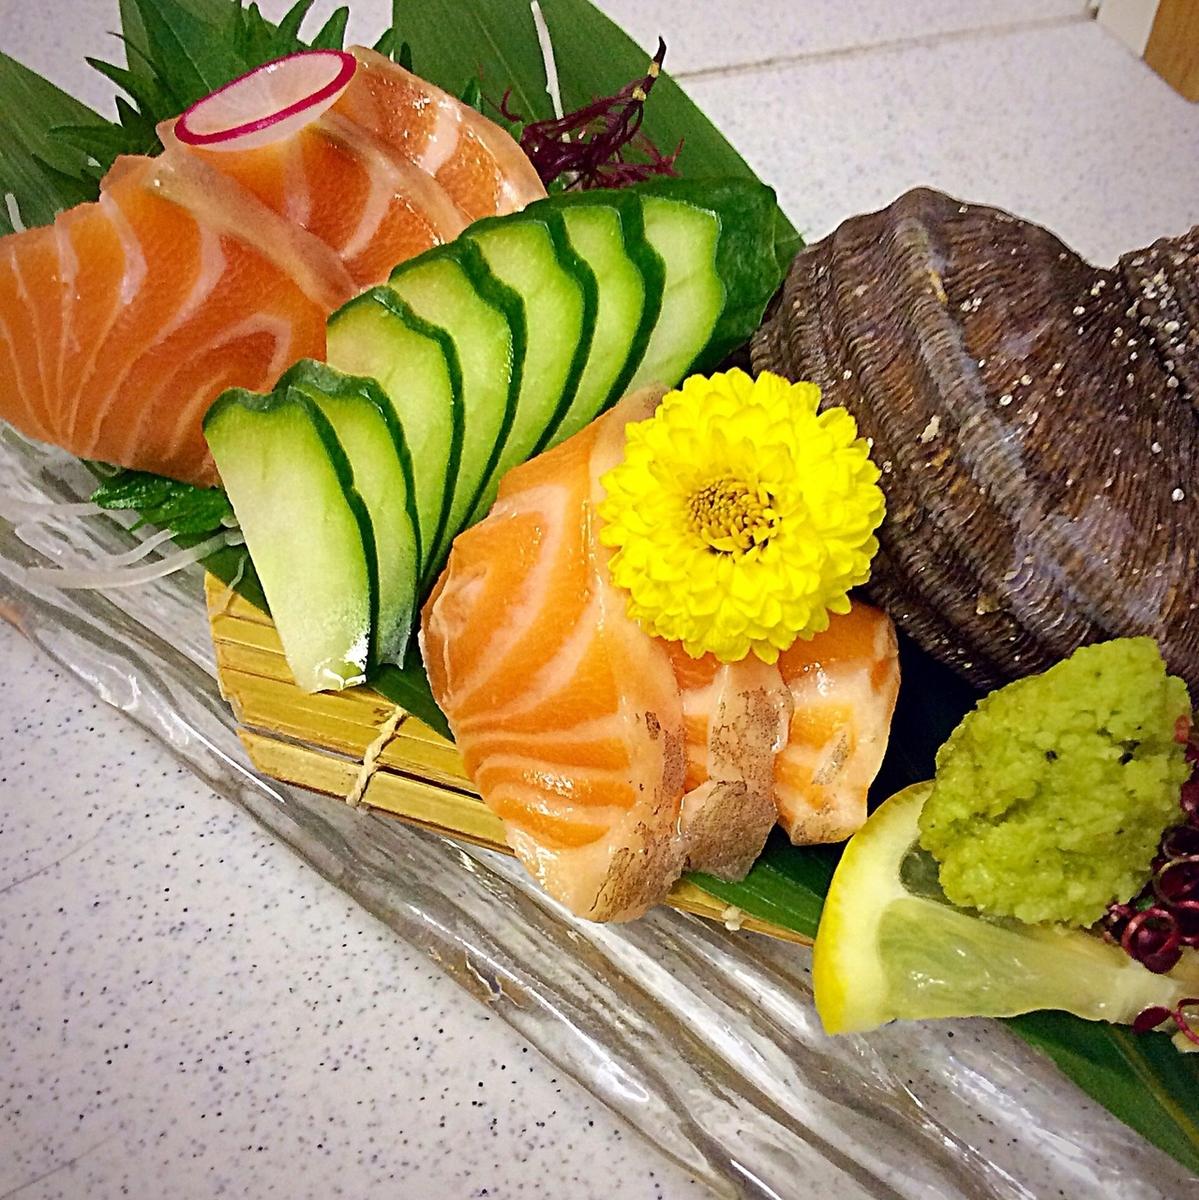 建造北海鲑鱼